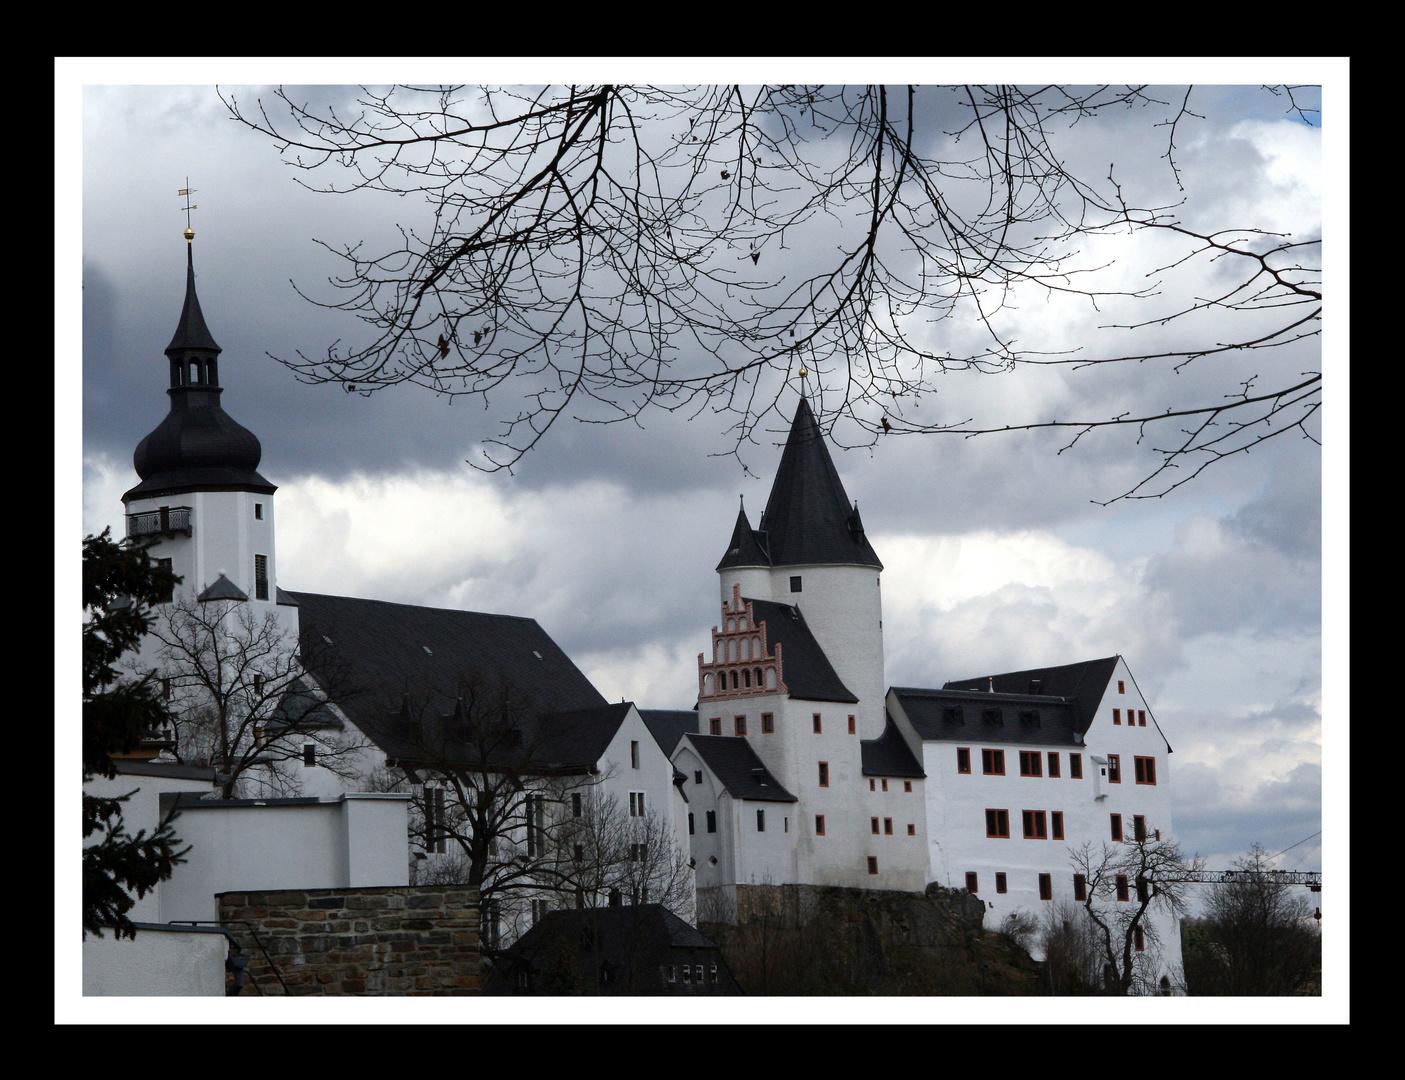 Blick auf die Schwarzenberg St. Georgen Kirche und das Schloss